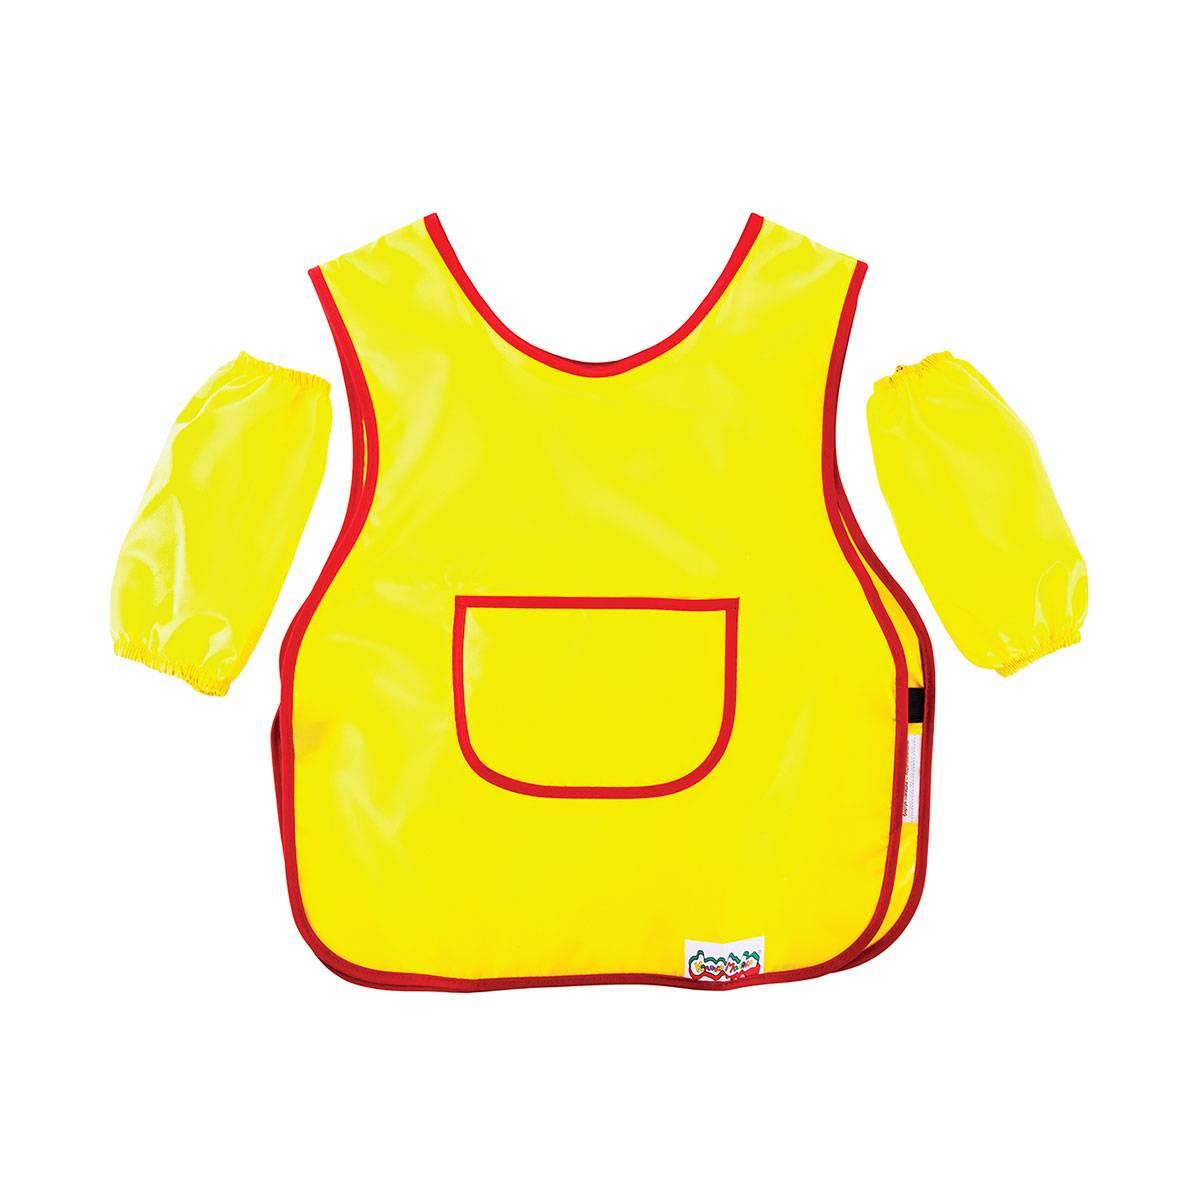 Фартук для труда с нарукавниками Каляка-Маляка, ткань, желтый. 3-5 лет